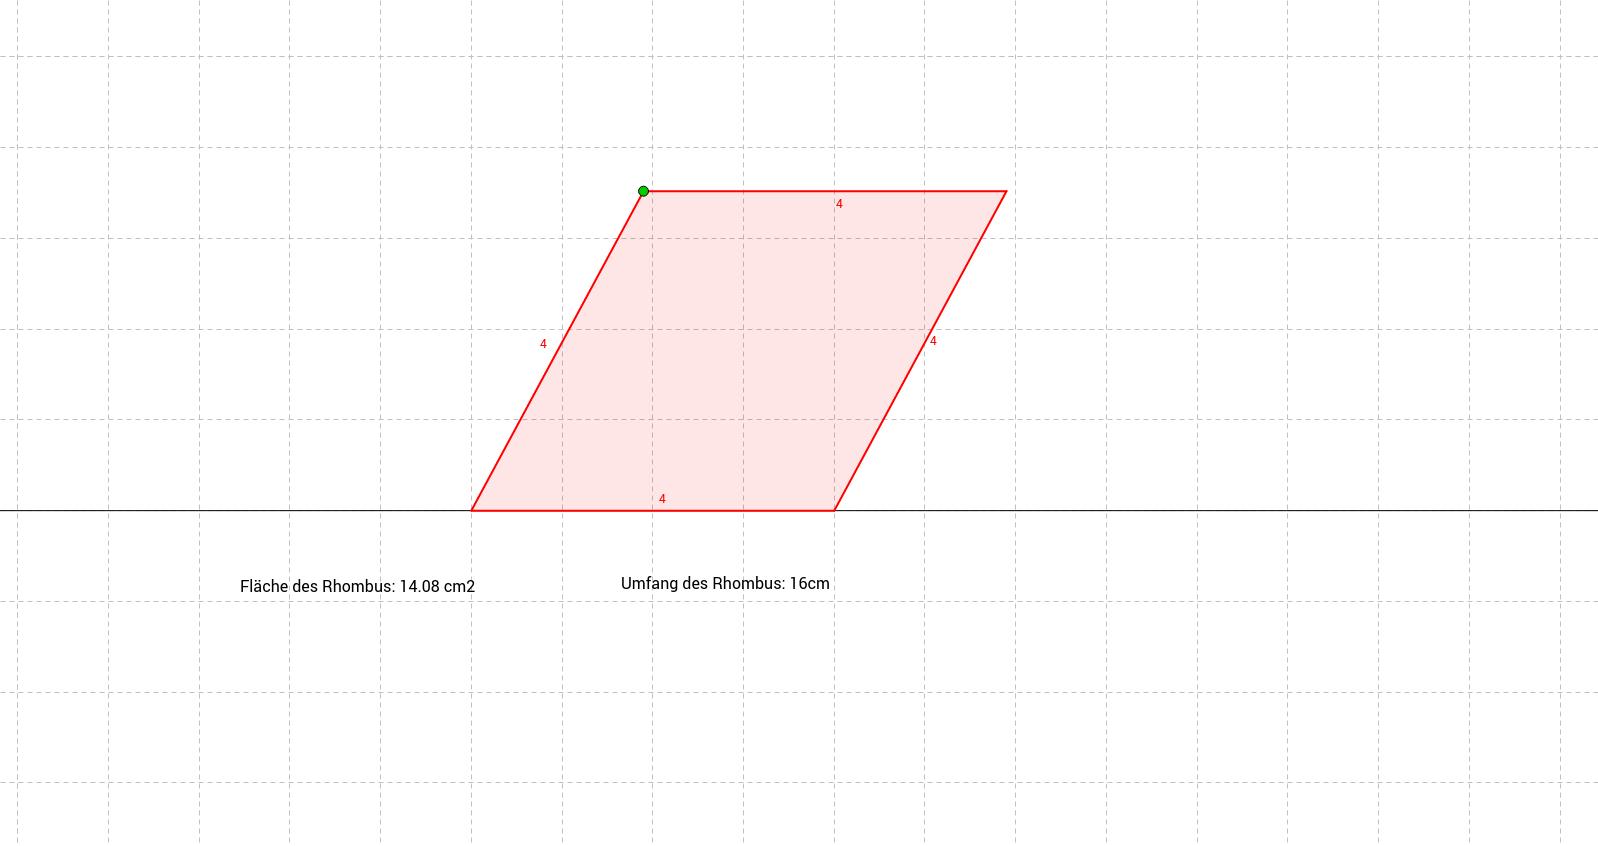 mb1 LU12 Rhomben vergleichen